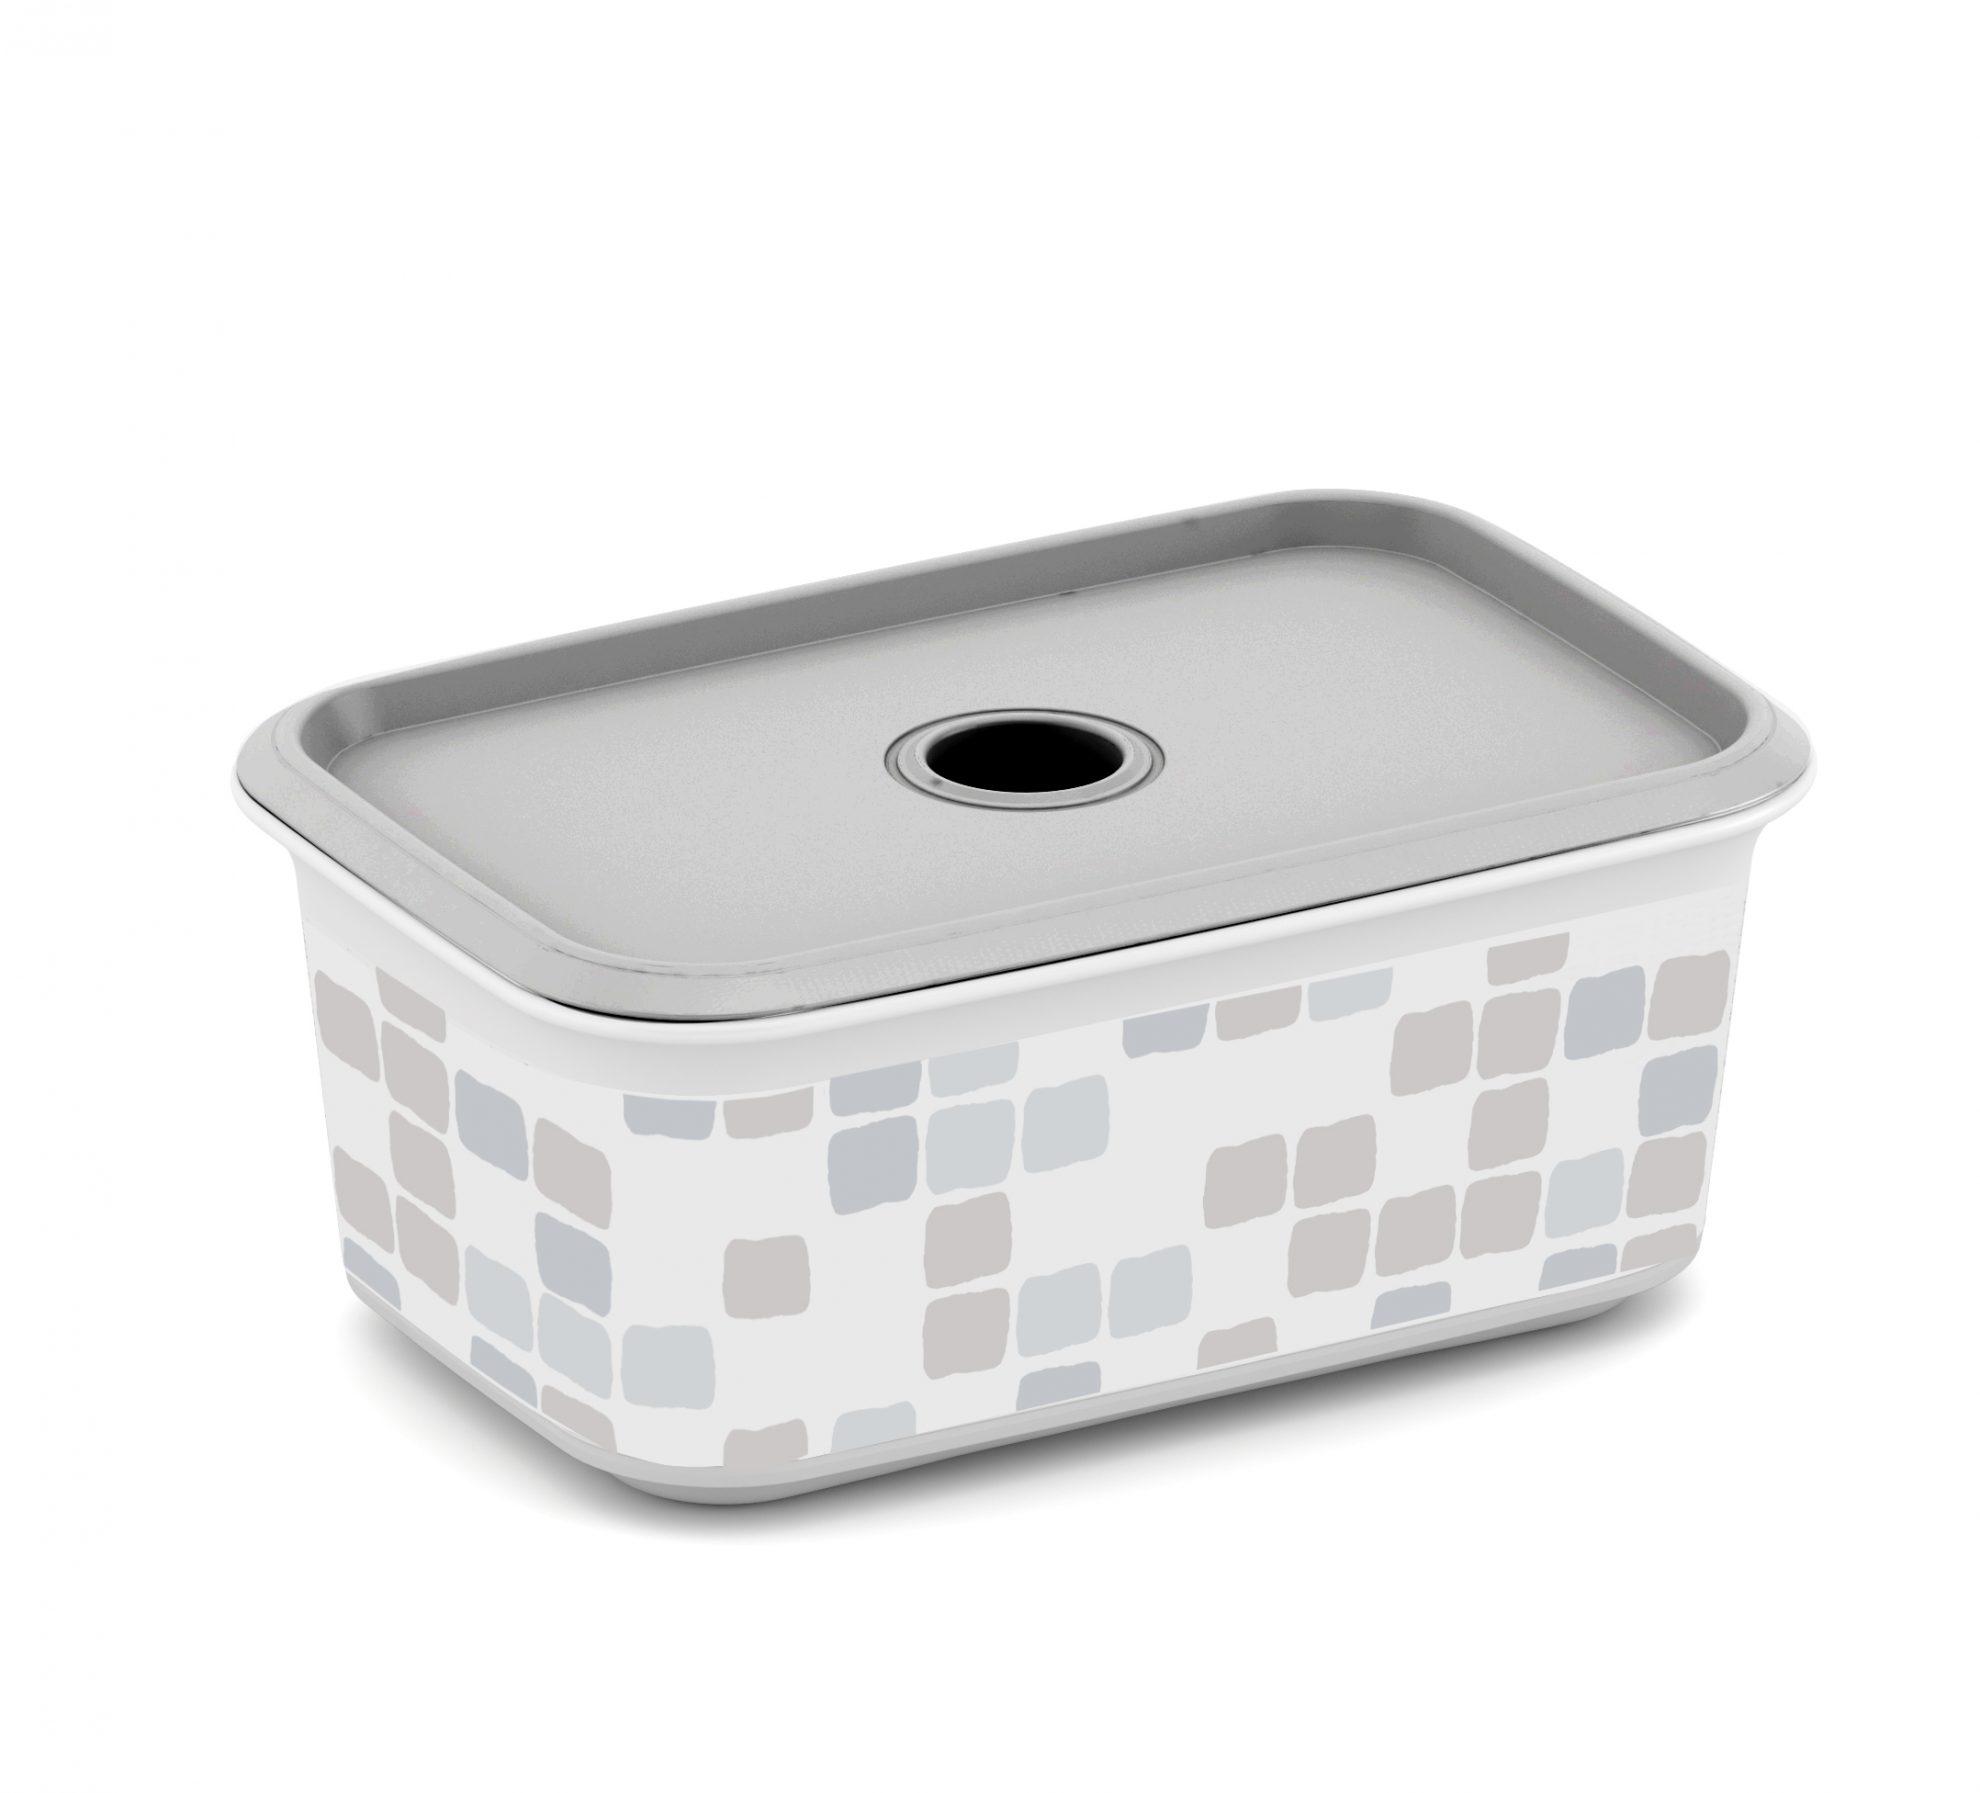 241501 קופסת שיק 1.5 ליטר XS - מוזאיק